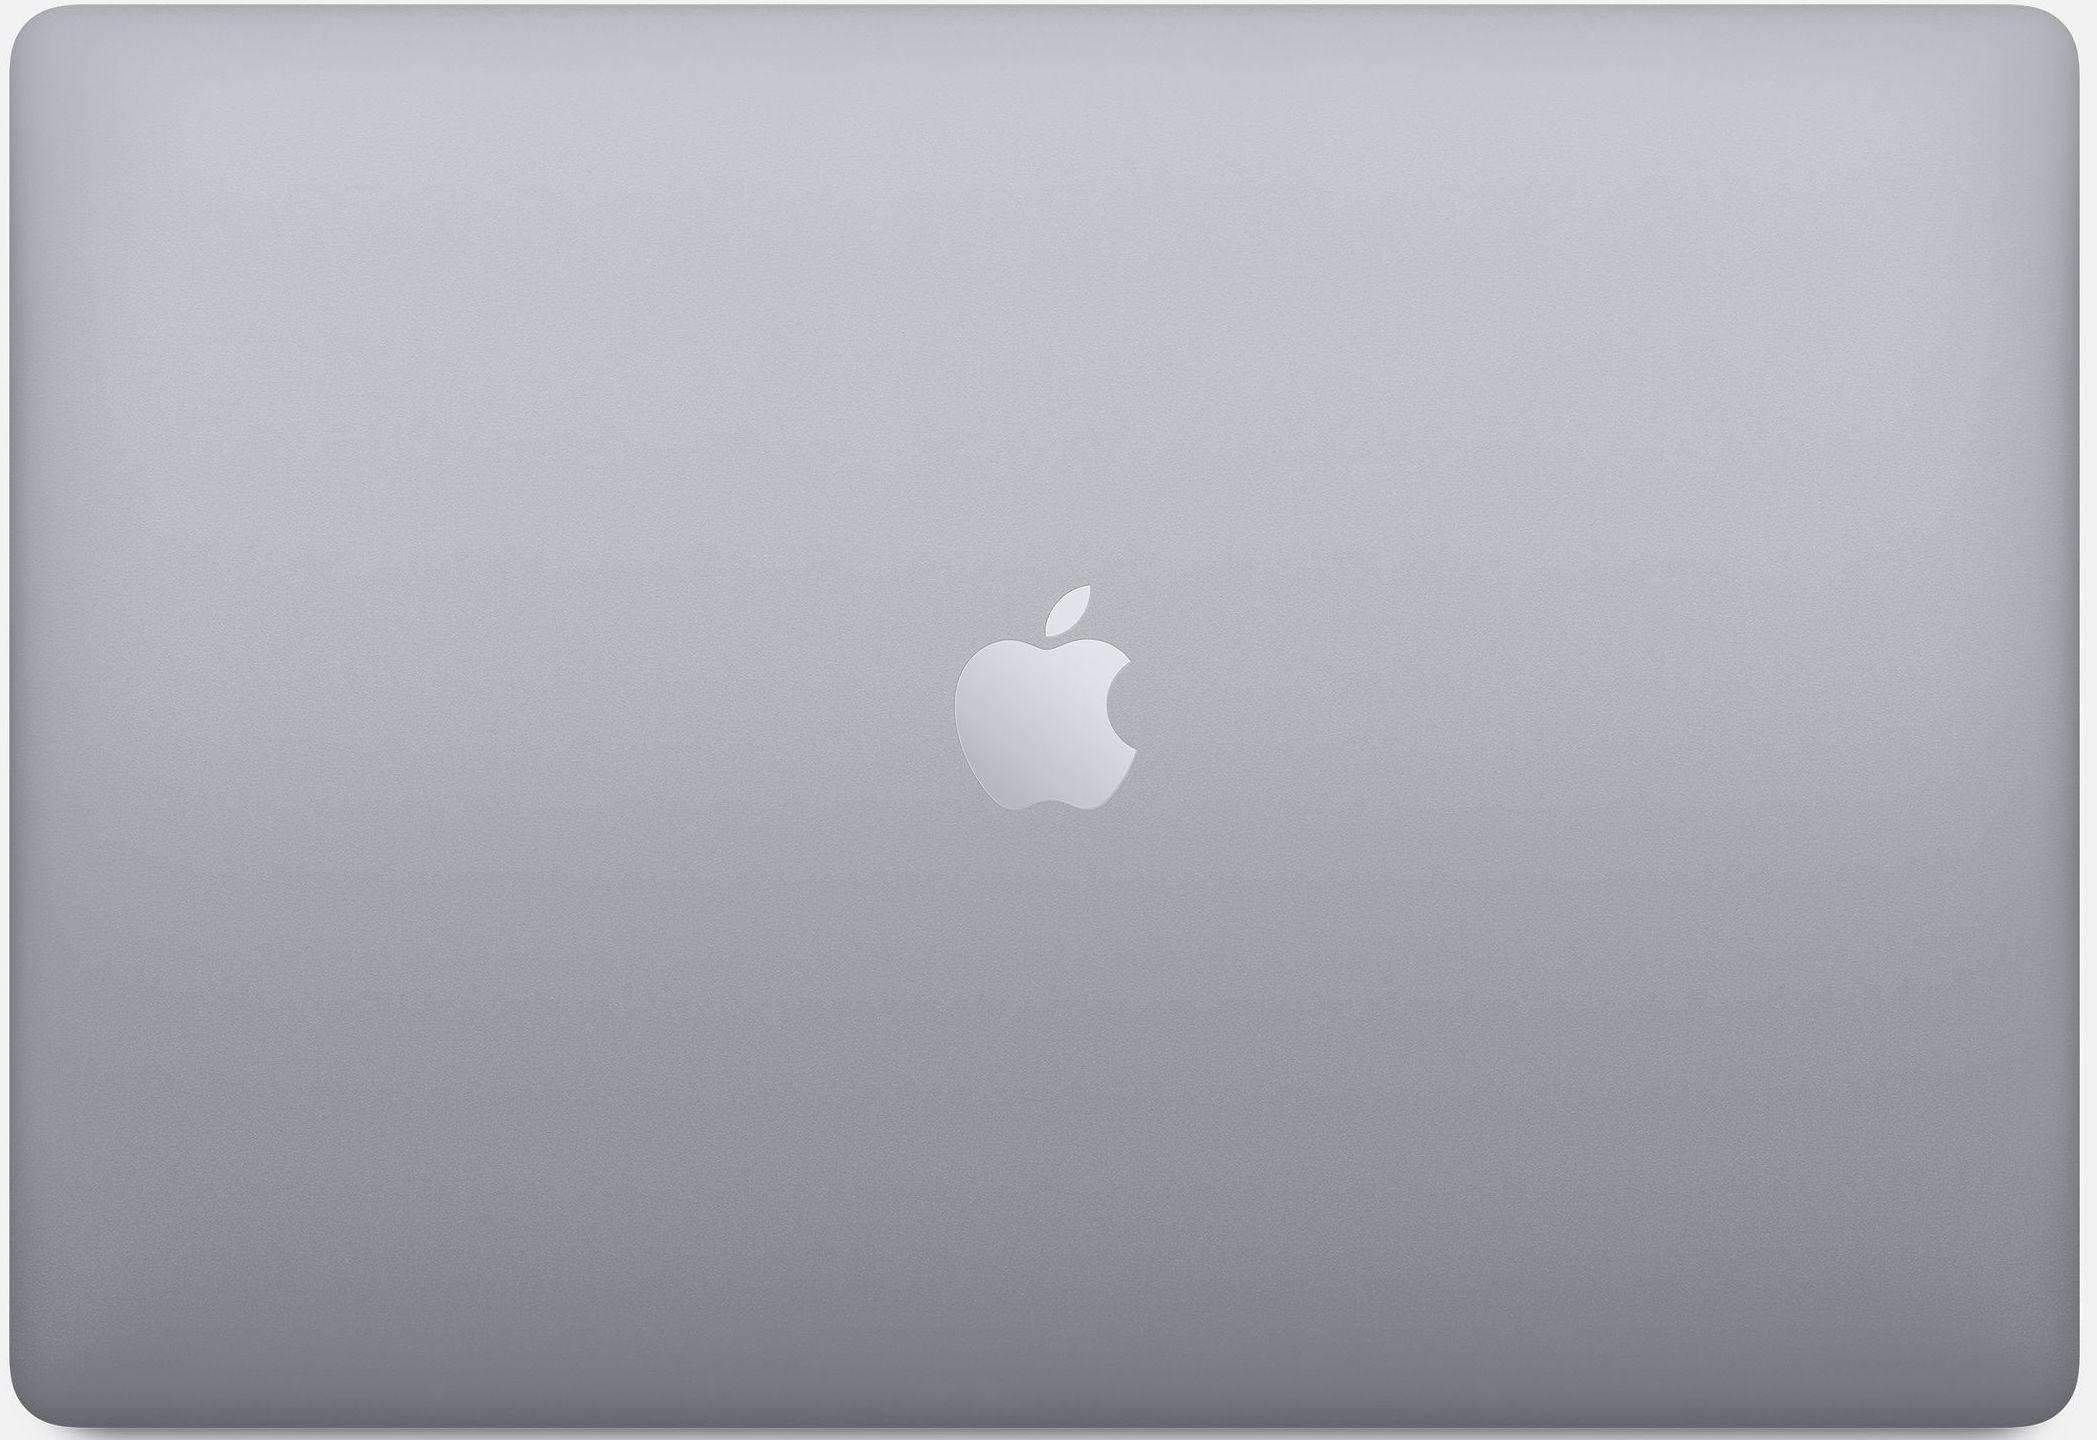 MacBook Pro 16 inç Touch Bar 2.3GHz 8C i9 32GB RAM 1TB SSD 8GB Radeon Pro 5500M Uzay Grisi Z0Y0233281